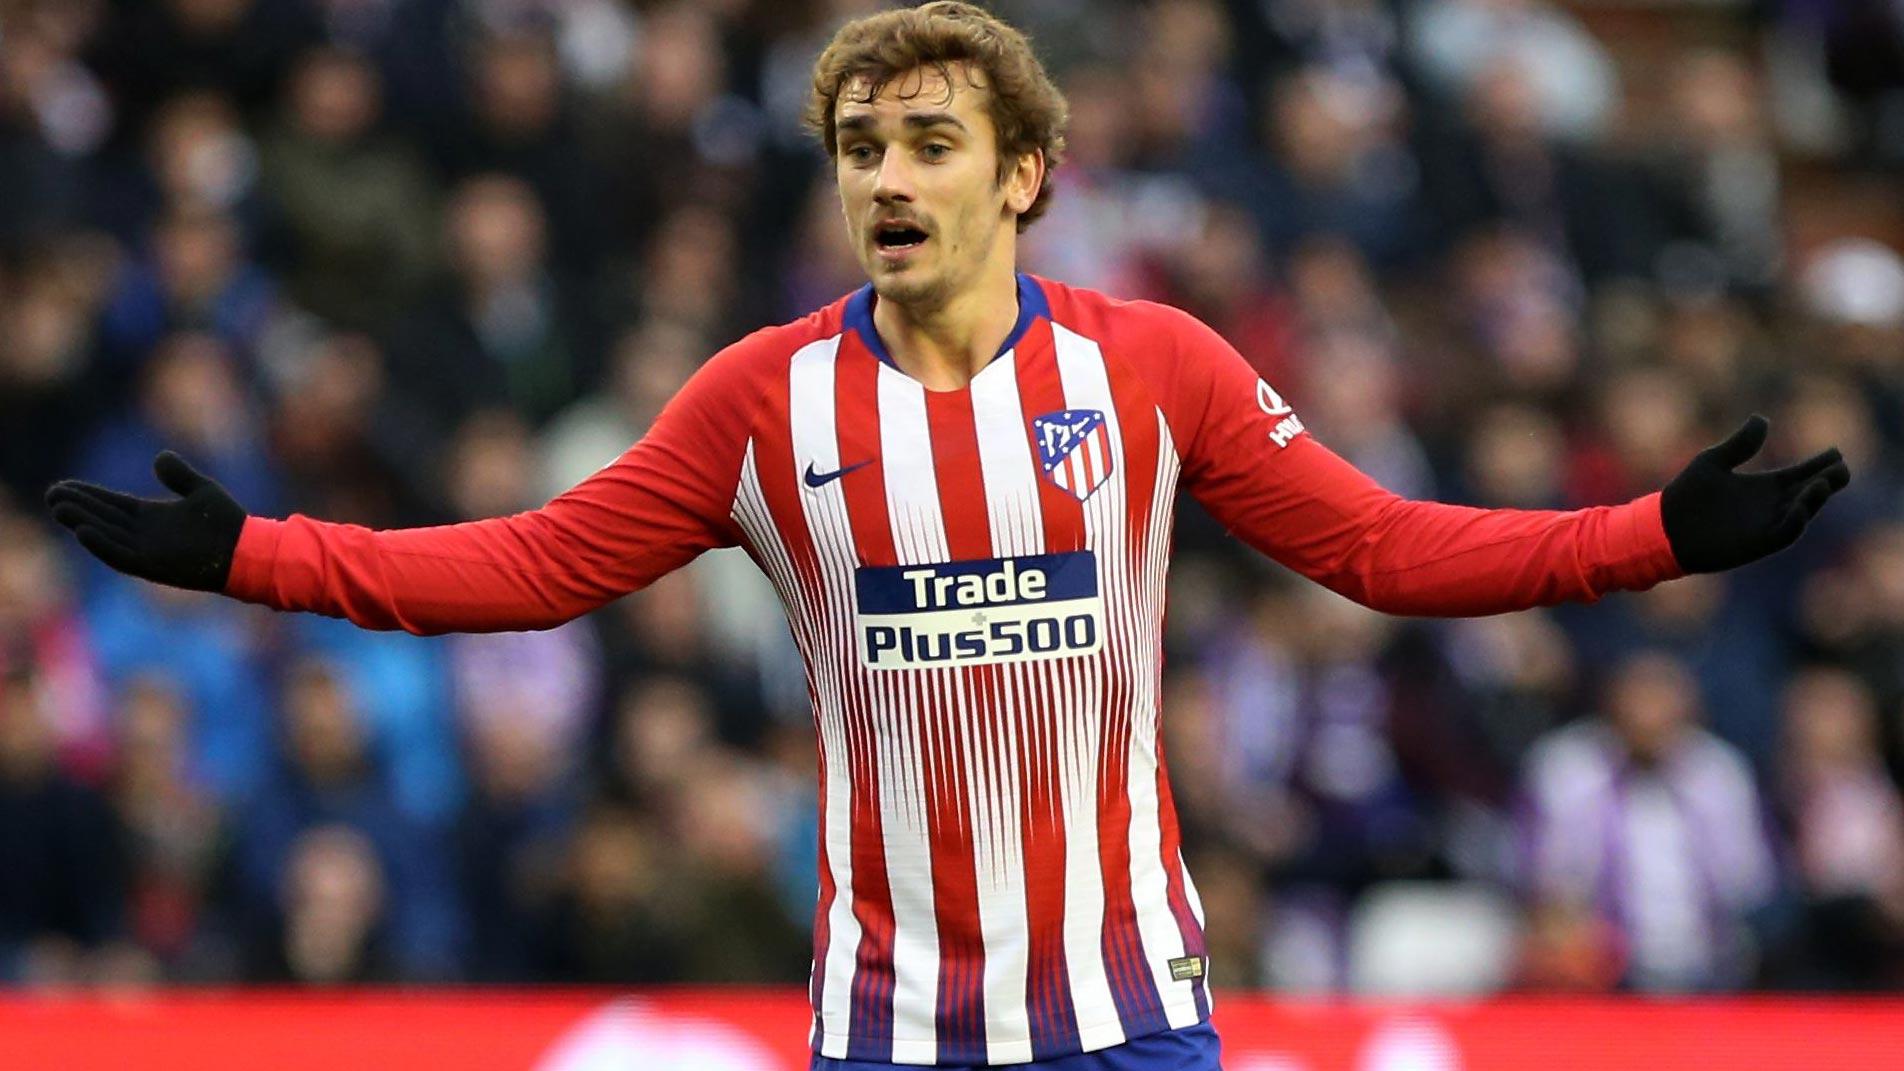 Valladolid 2-3 Atlético: Griezmann, héroe y villano en Zorrilla